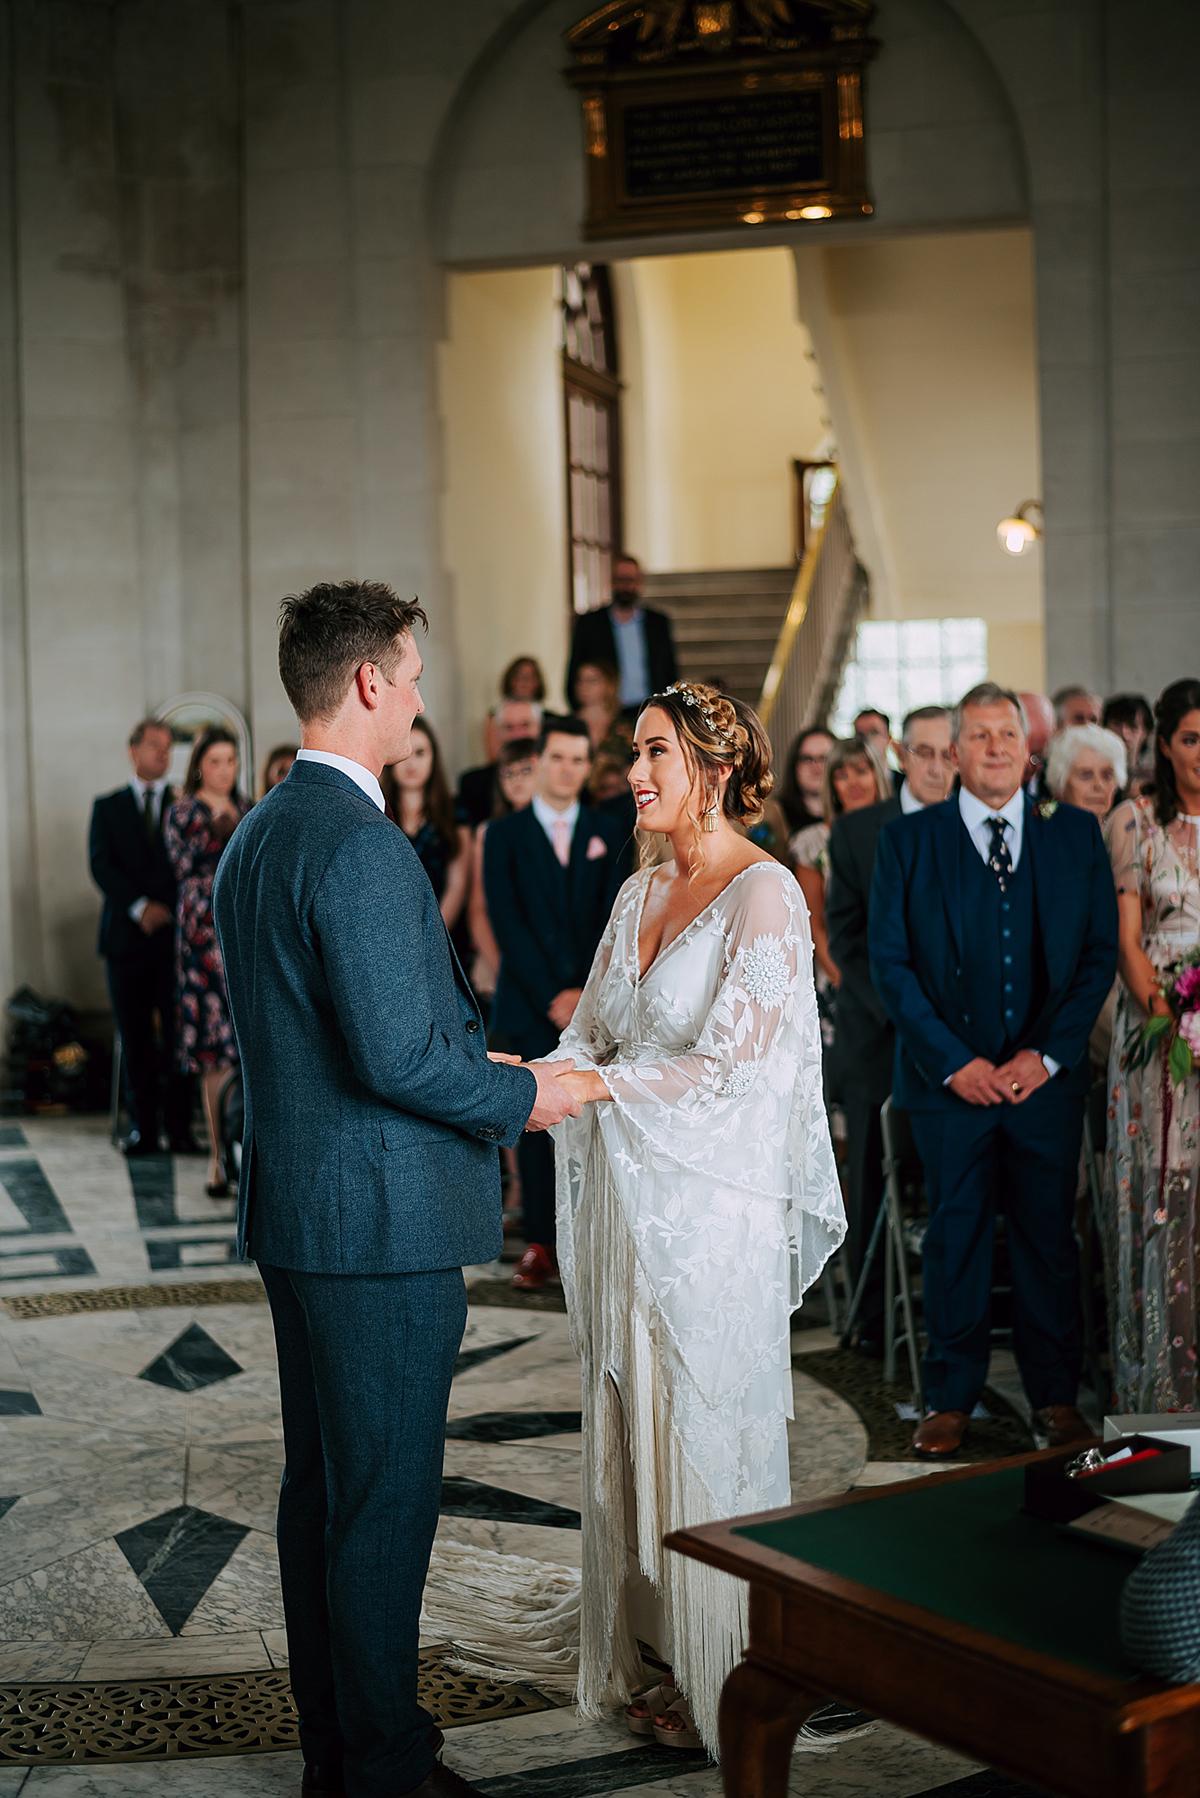 3d76e213a69 A Rue de Seine wedding dress for a modern bride - A Fringed Rue de Seine